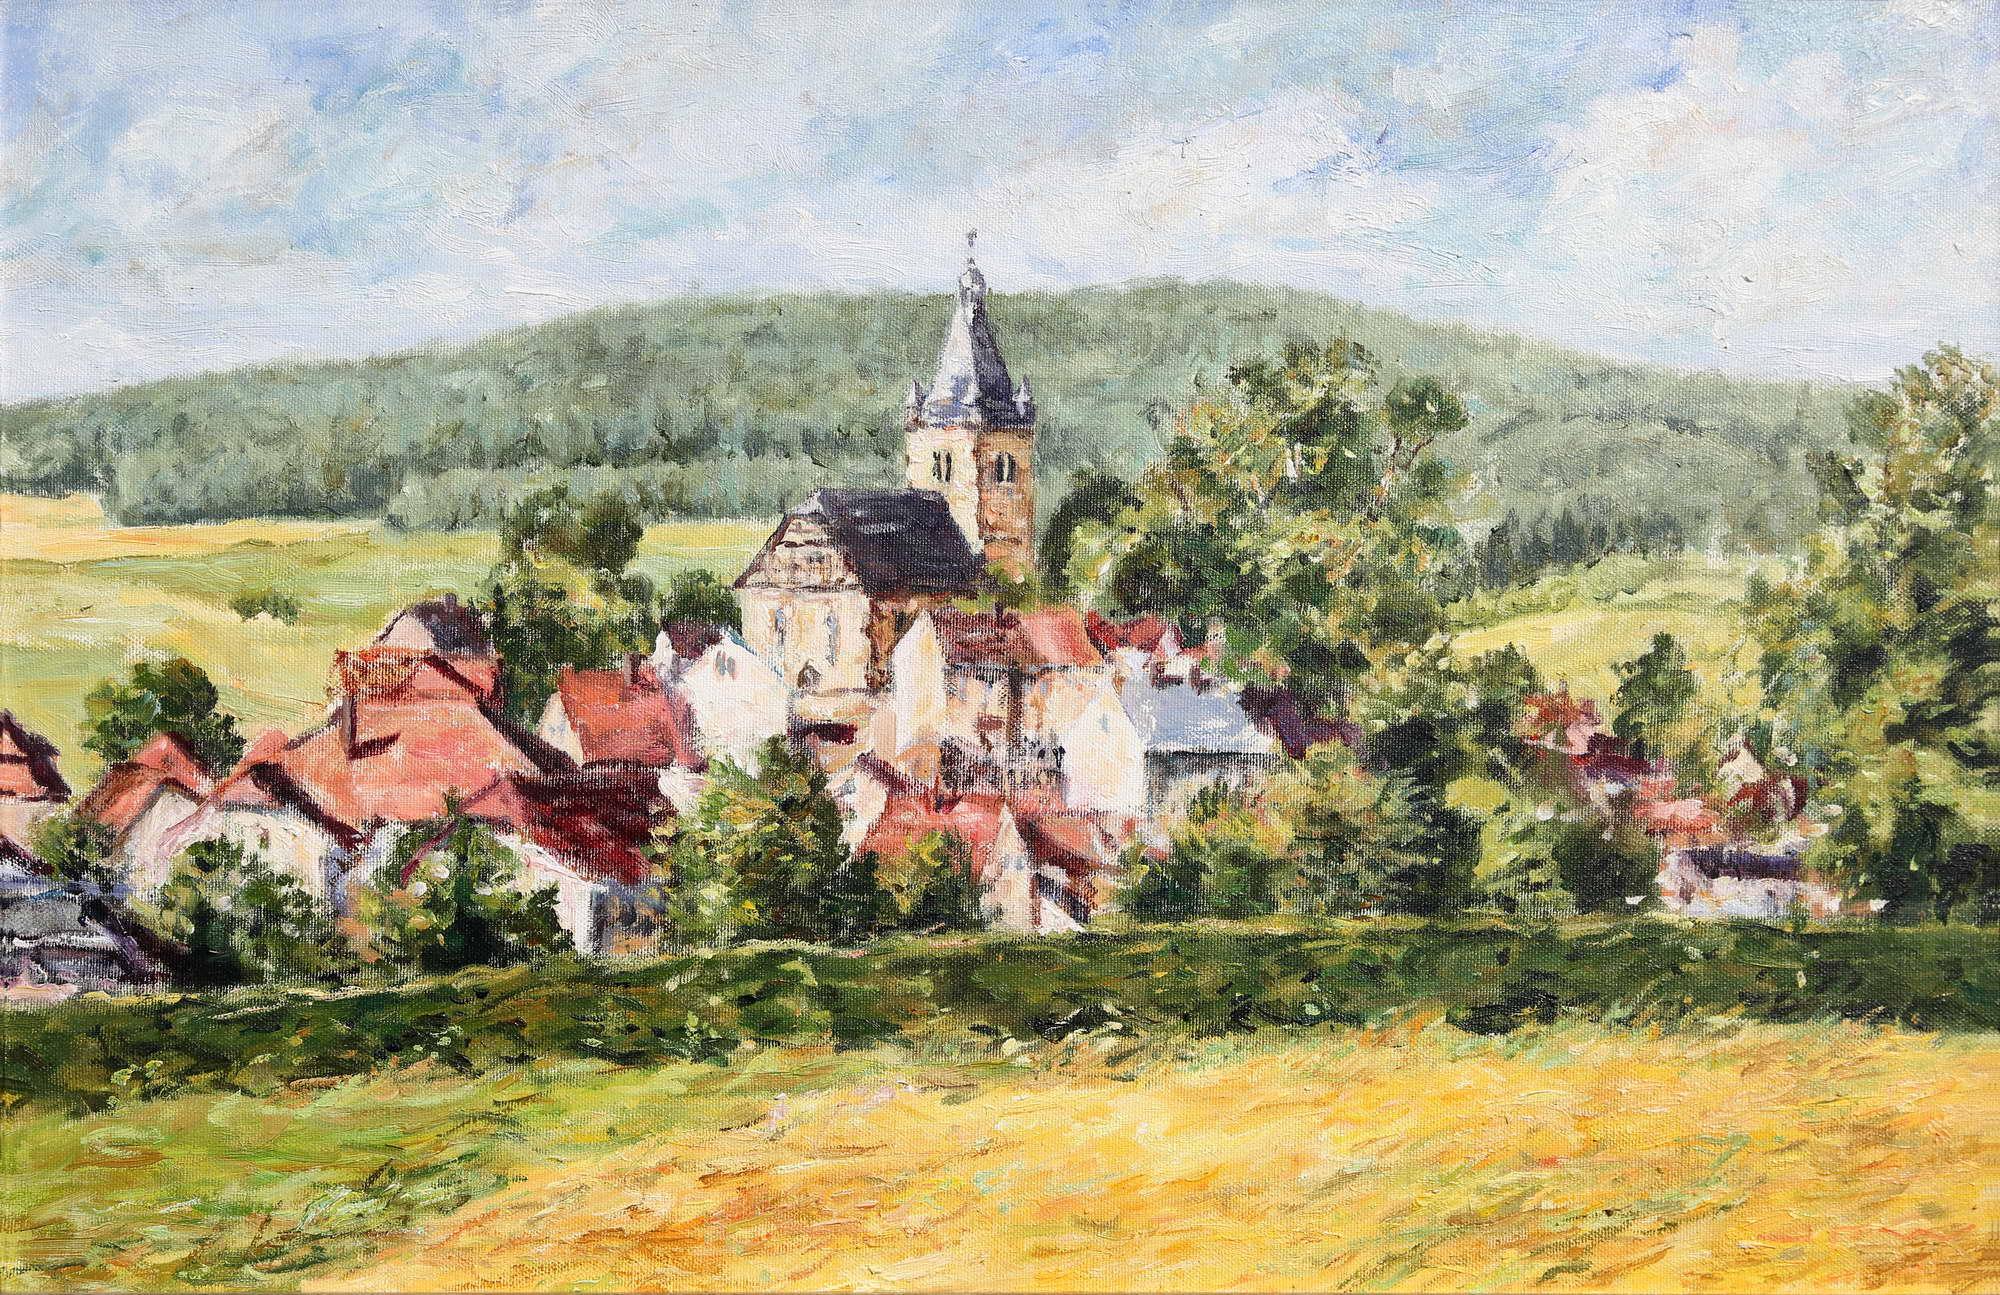 Besse von Hertinghausen